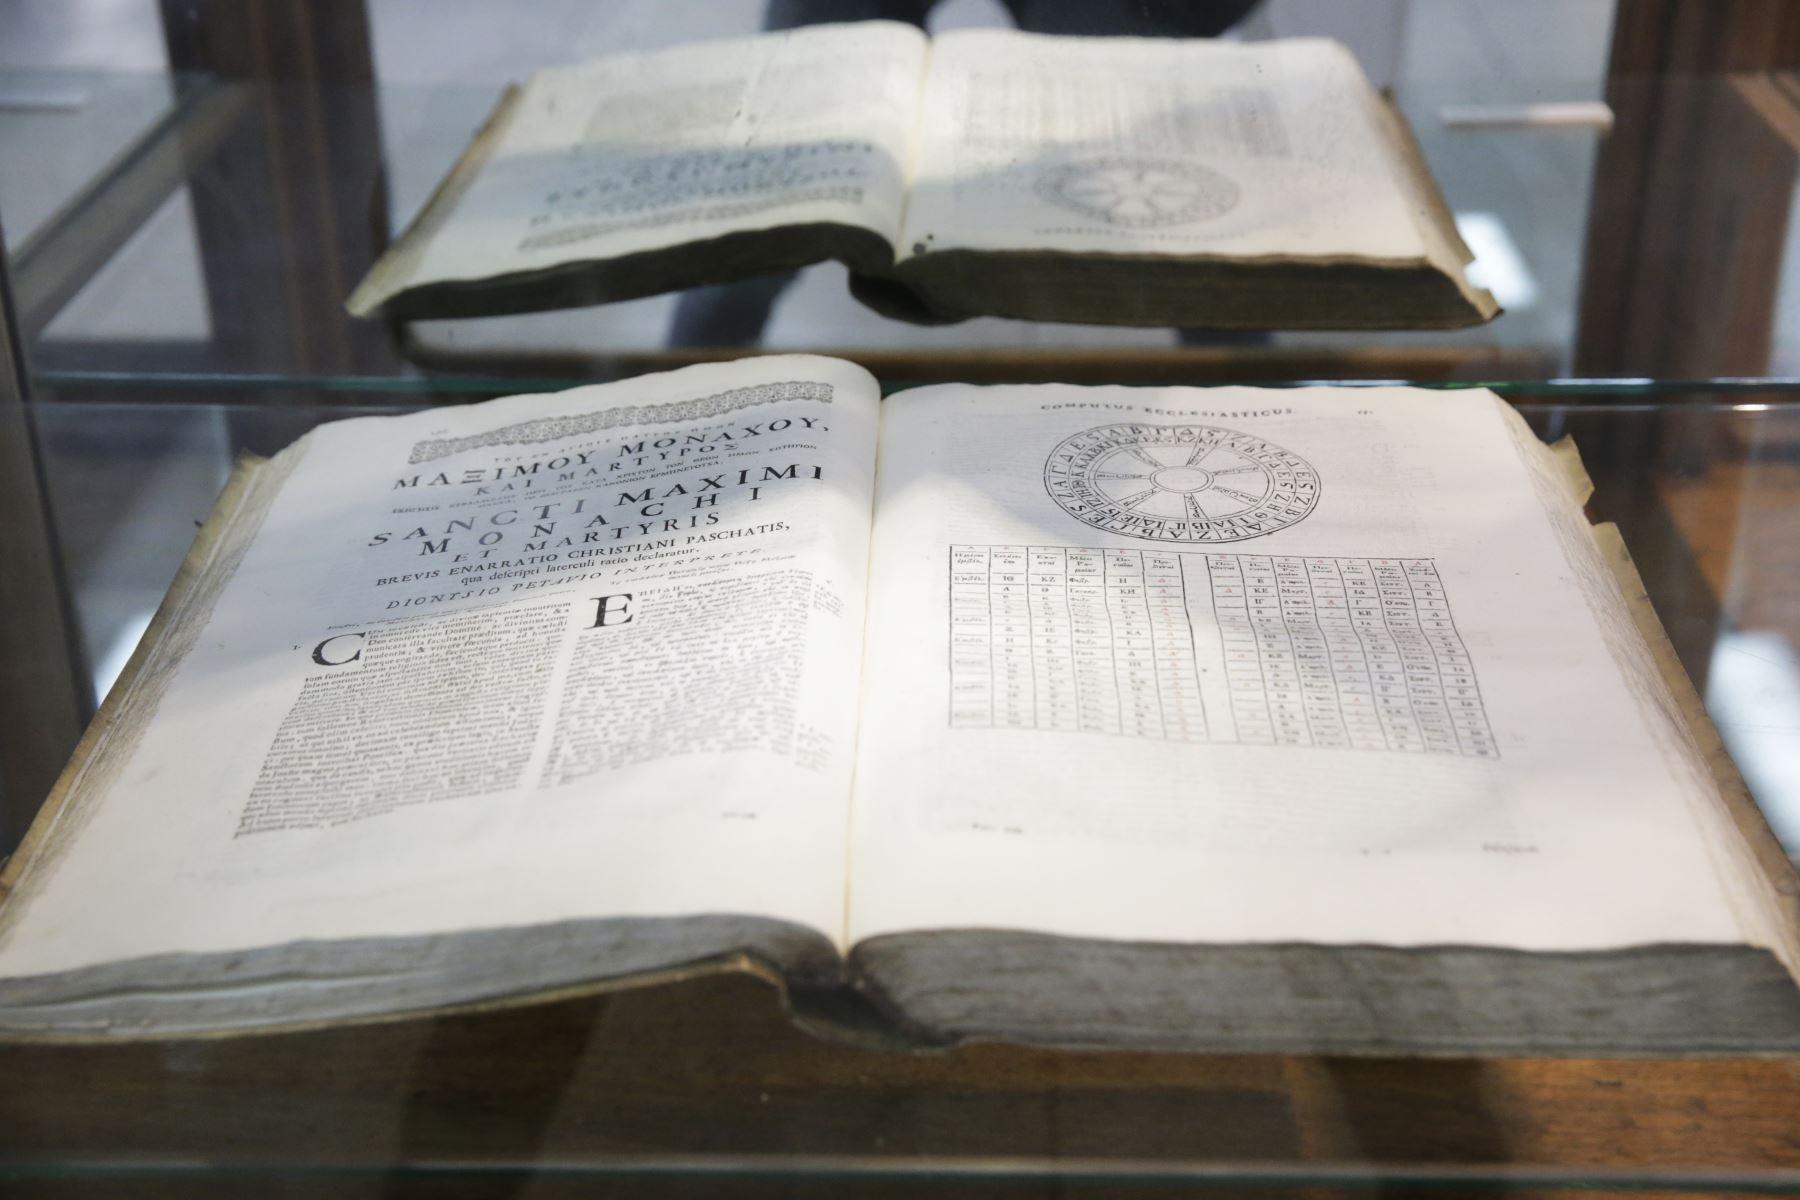 Museo Naval. Uno de los libros de navegación del siglo XVIII que se muestran en la exhibición temporal de documentos. Foto: ANDINA/Melina Mejía